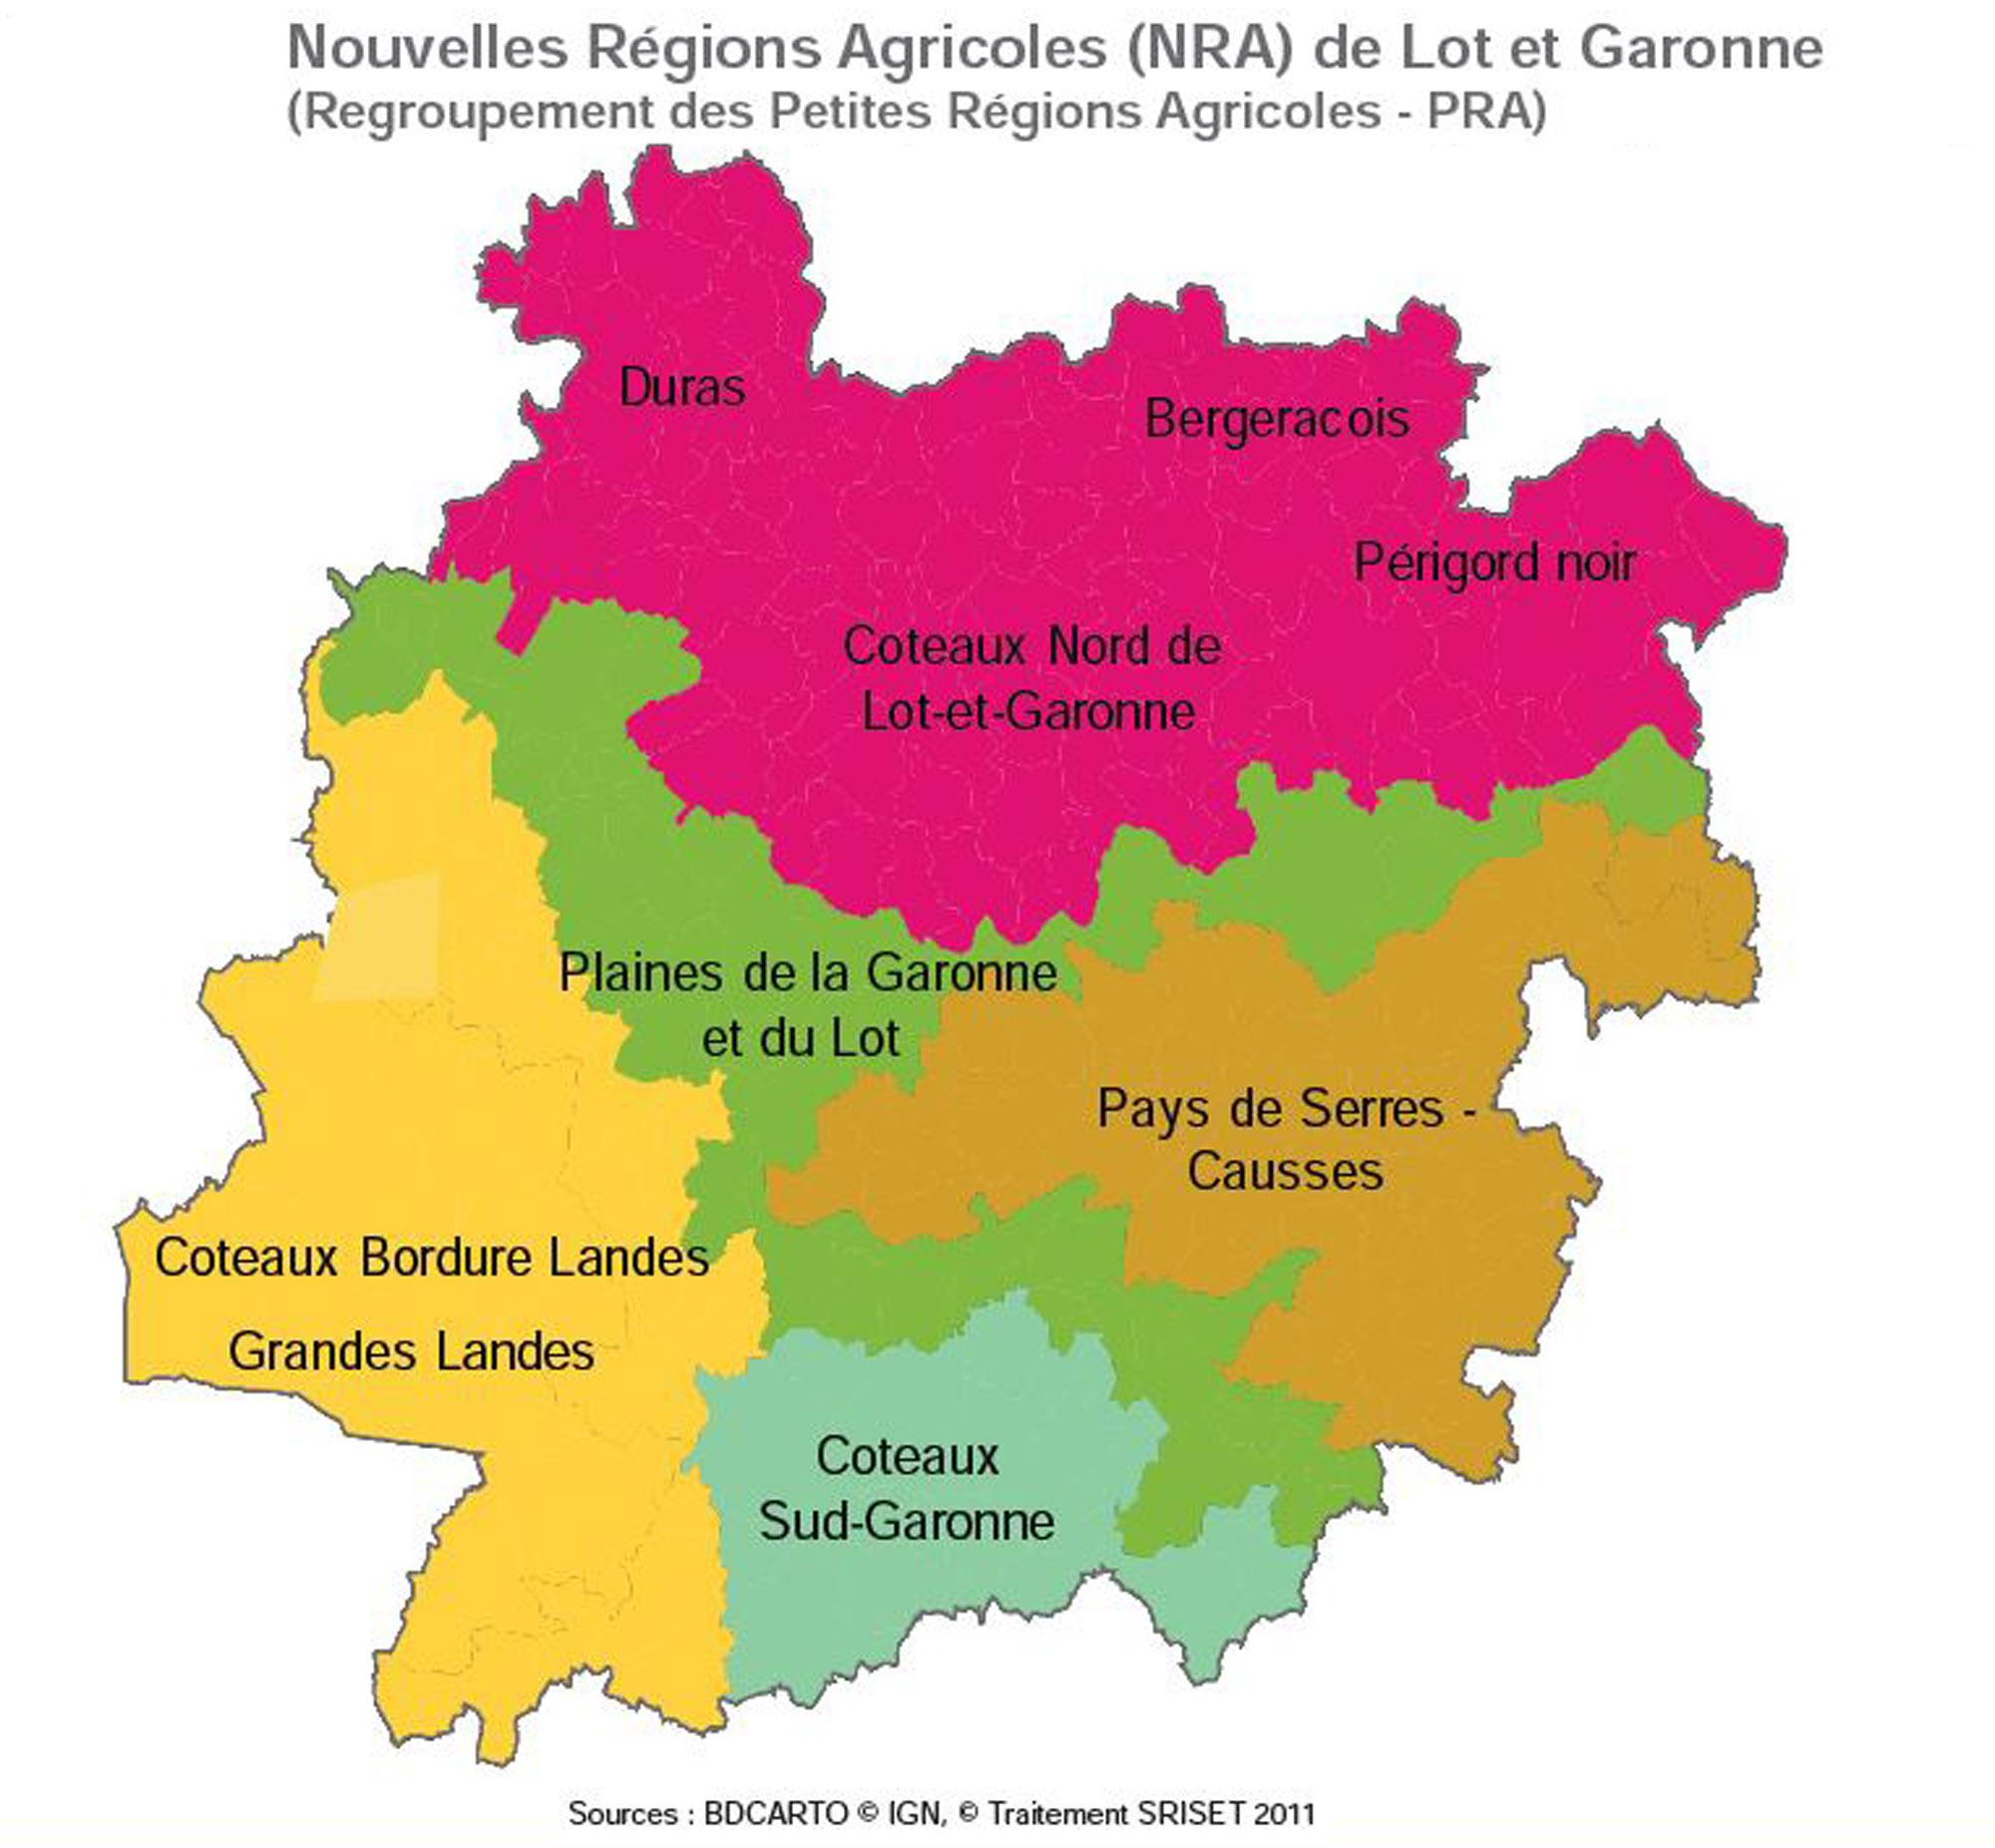 Carte Des Nouvelles Régions Agricoles De Lot-Et-Garonne intérieur Nouvelles Régions Carte